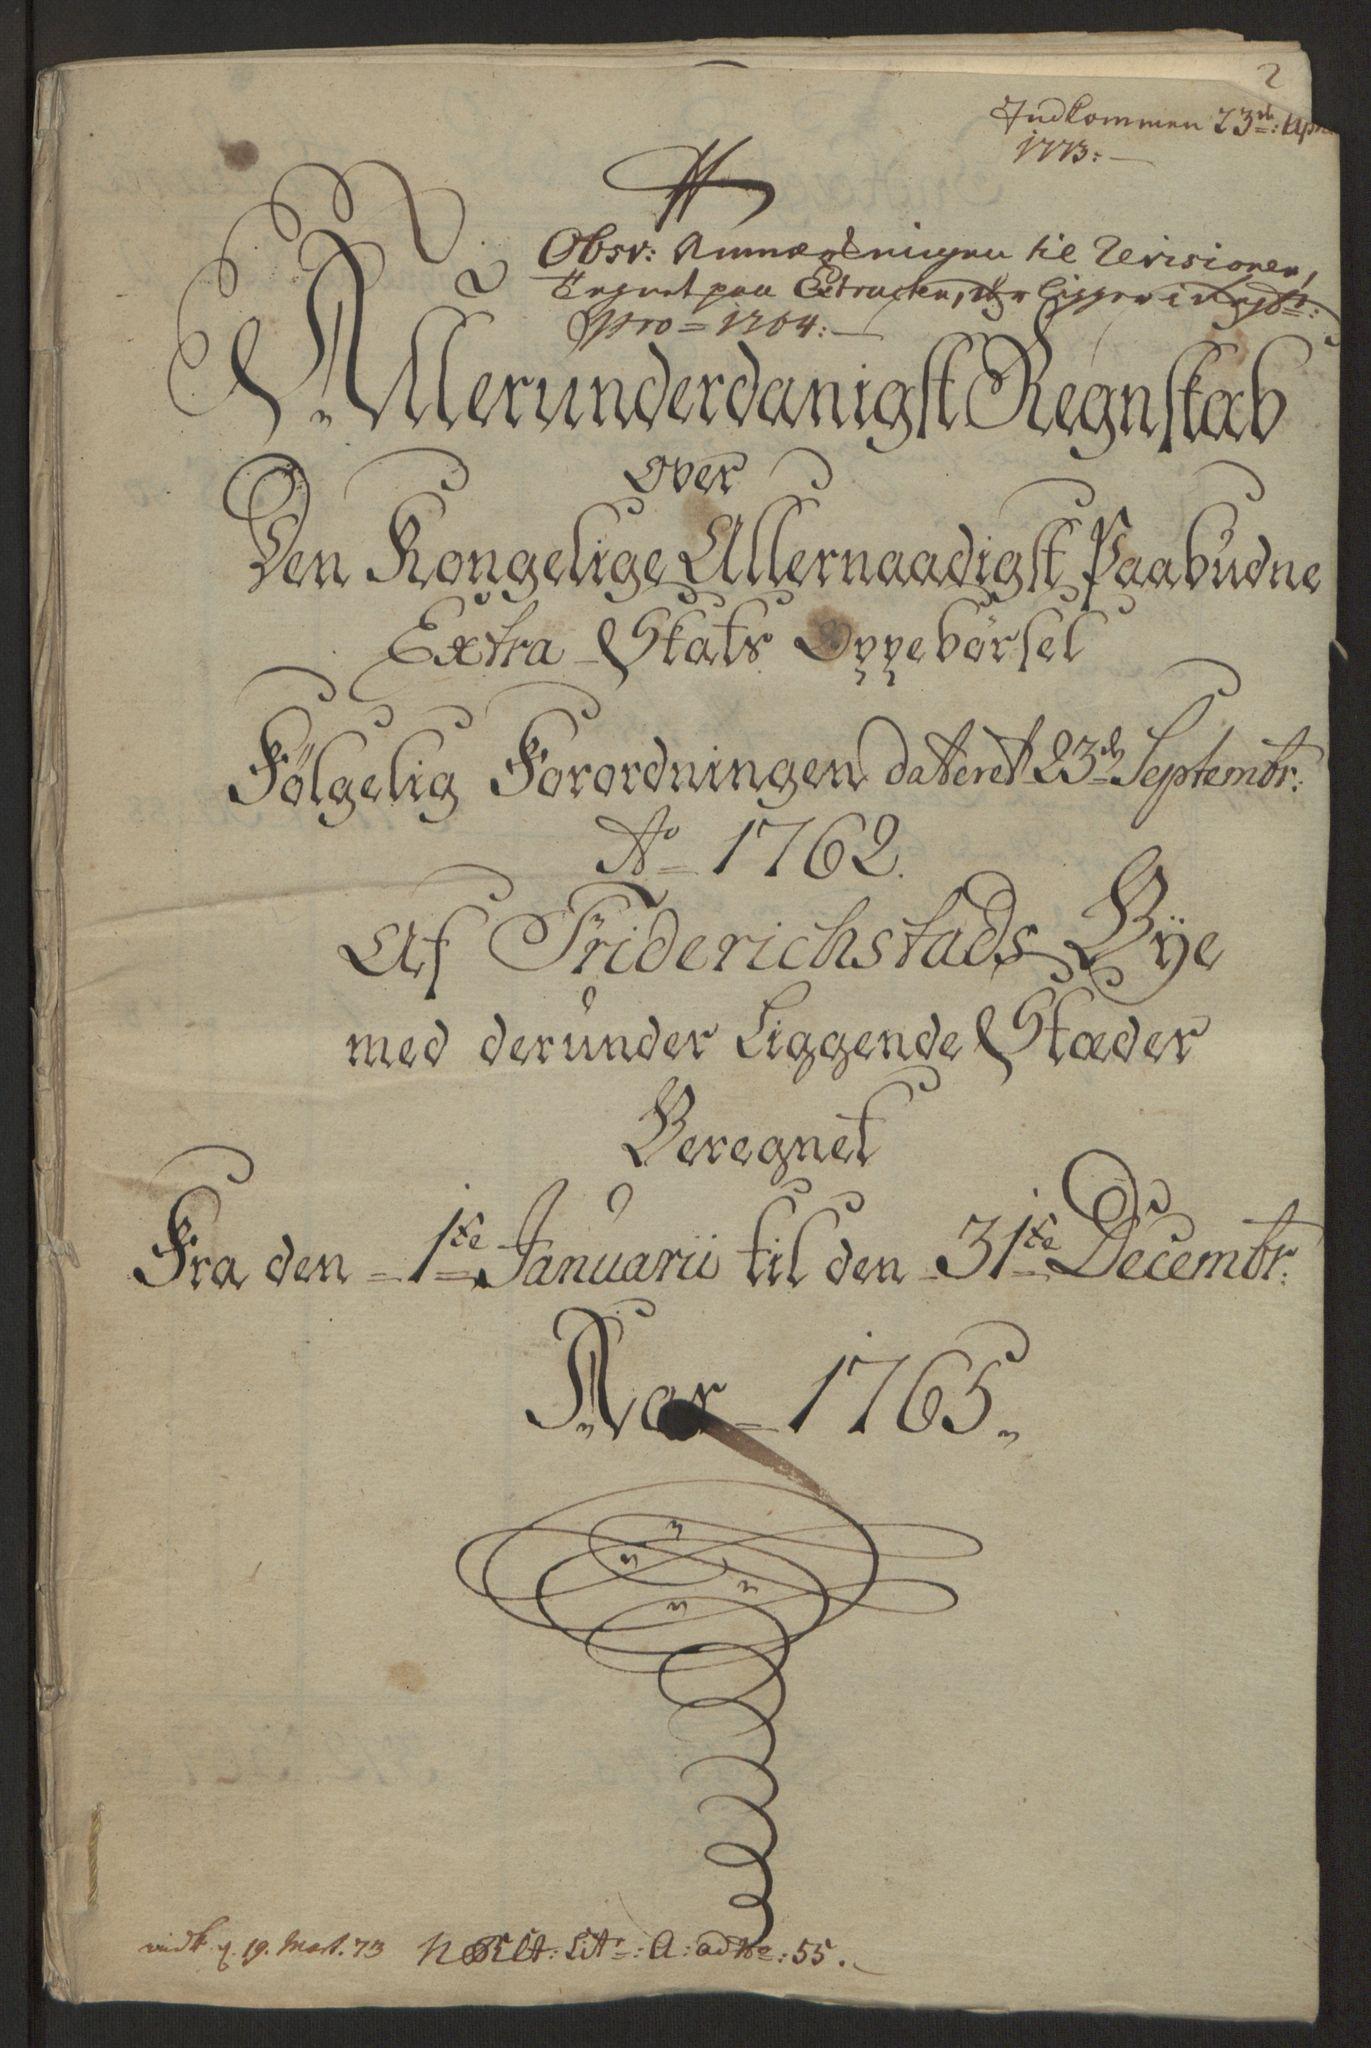 RA, Rentekammeret inntil 1814, Reviderte regnskaper, Byregnskaper, R/Rb/L0029: [B3] Kontribusjonsregnskap, 1762-1772, s. 138